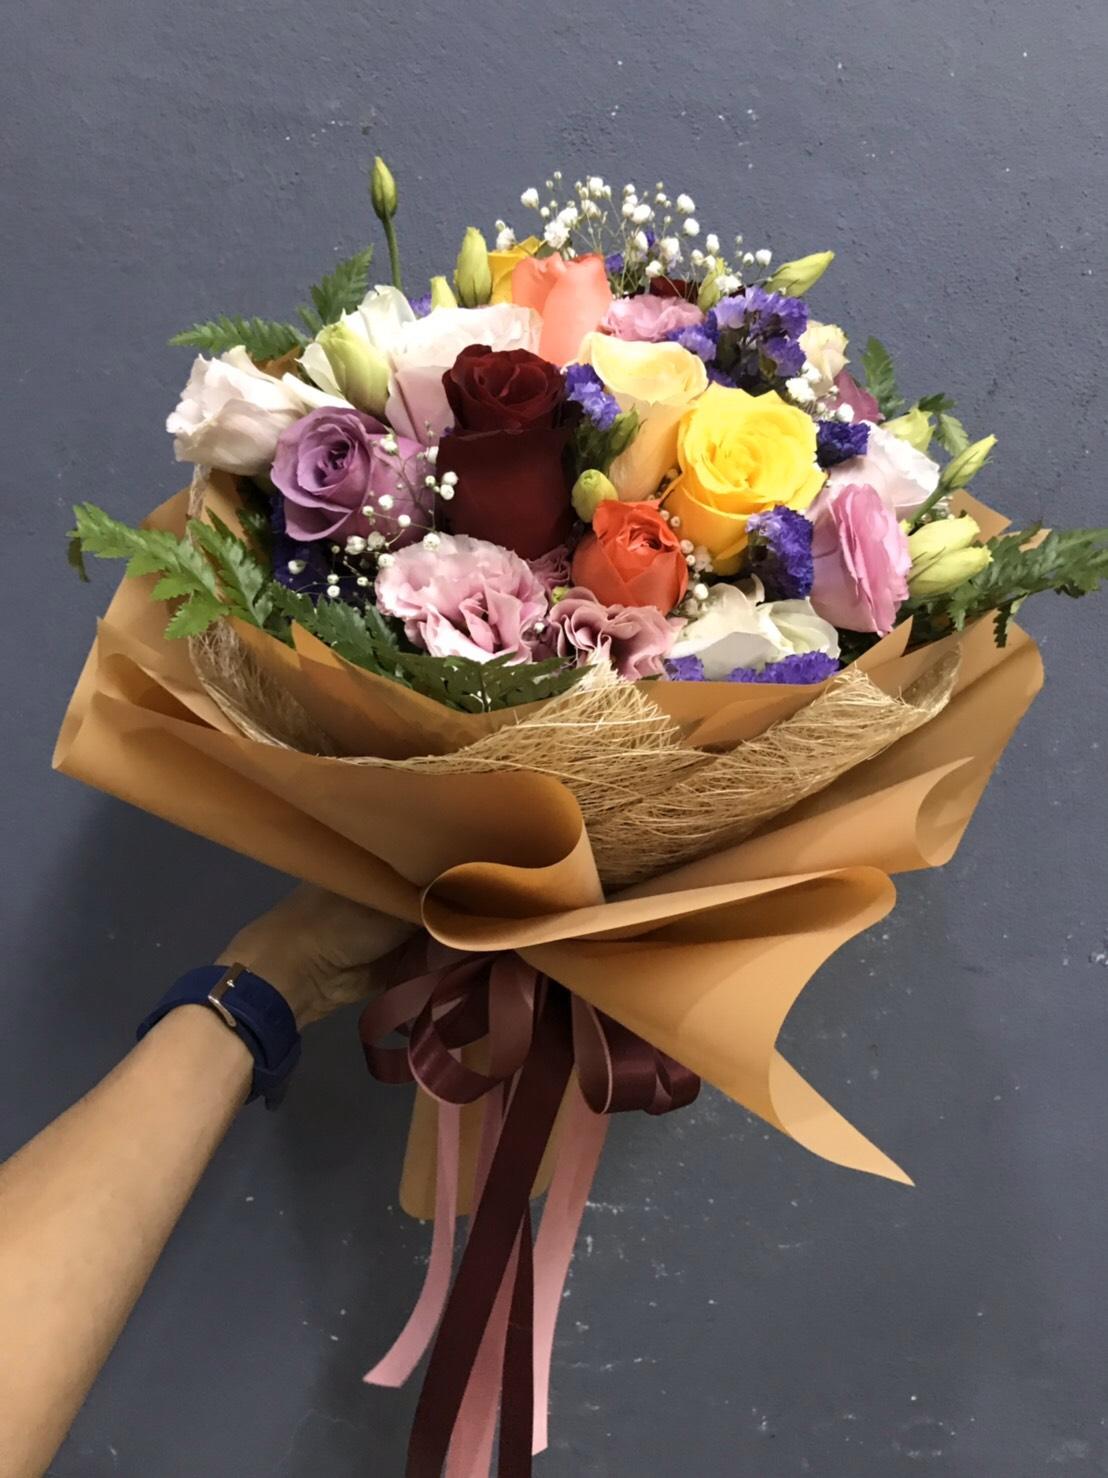 ช่อดอกกุหลาบคละสี จัดเป็นบูเก้สวย ๆ มีสไตล์และเอกลักษณ์เฉพาะตัว